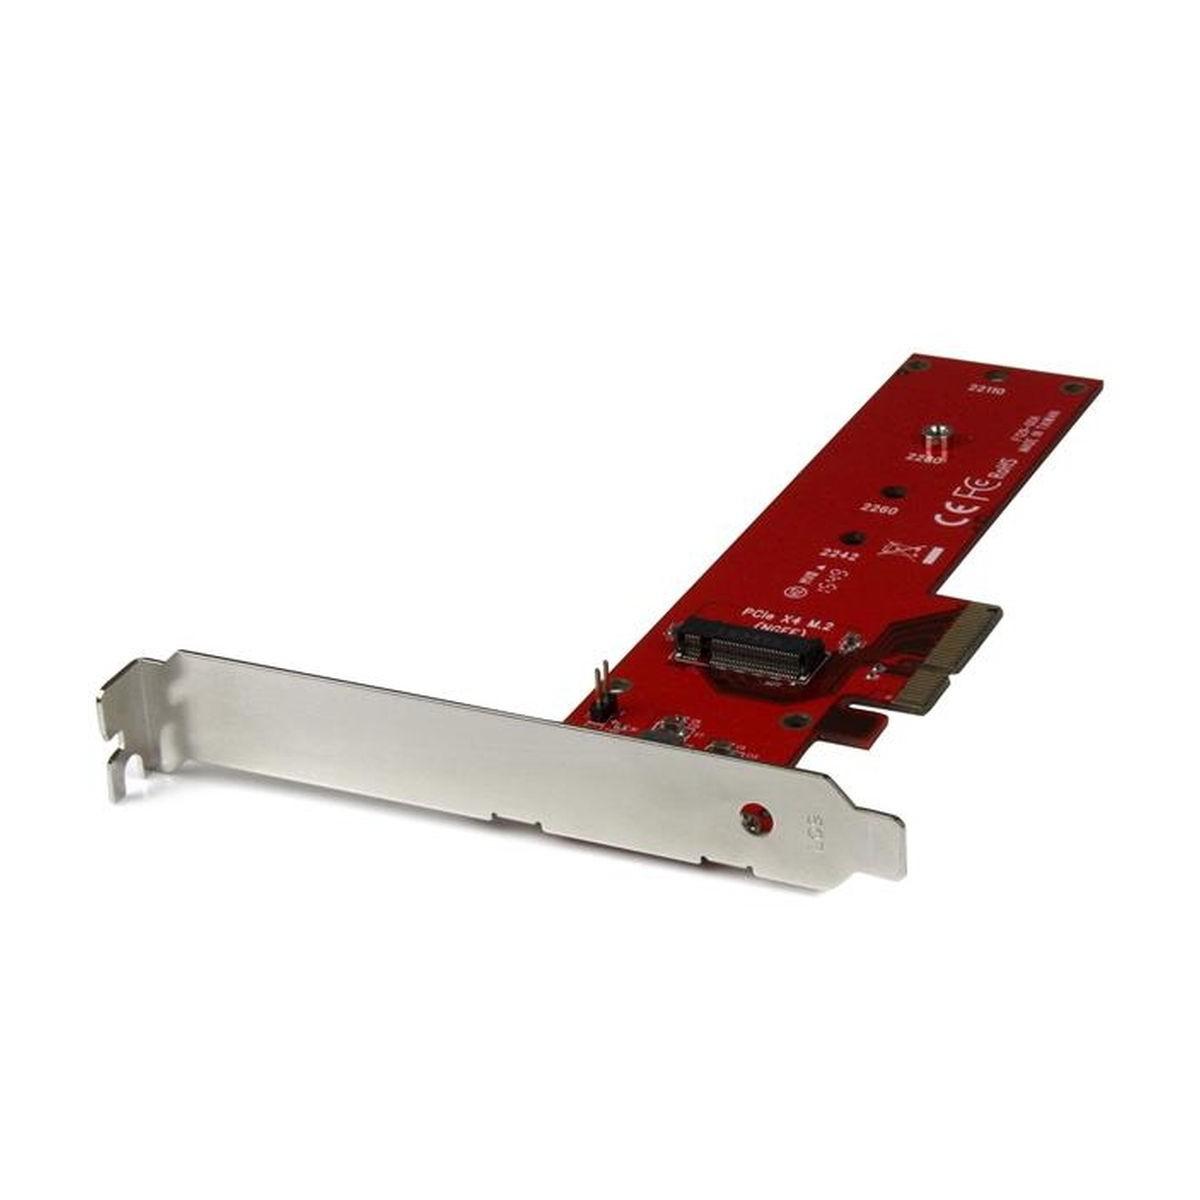 IBM ATI FirePro V7750 1GB GDDR3 DVI 2xDP 53Y8573